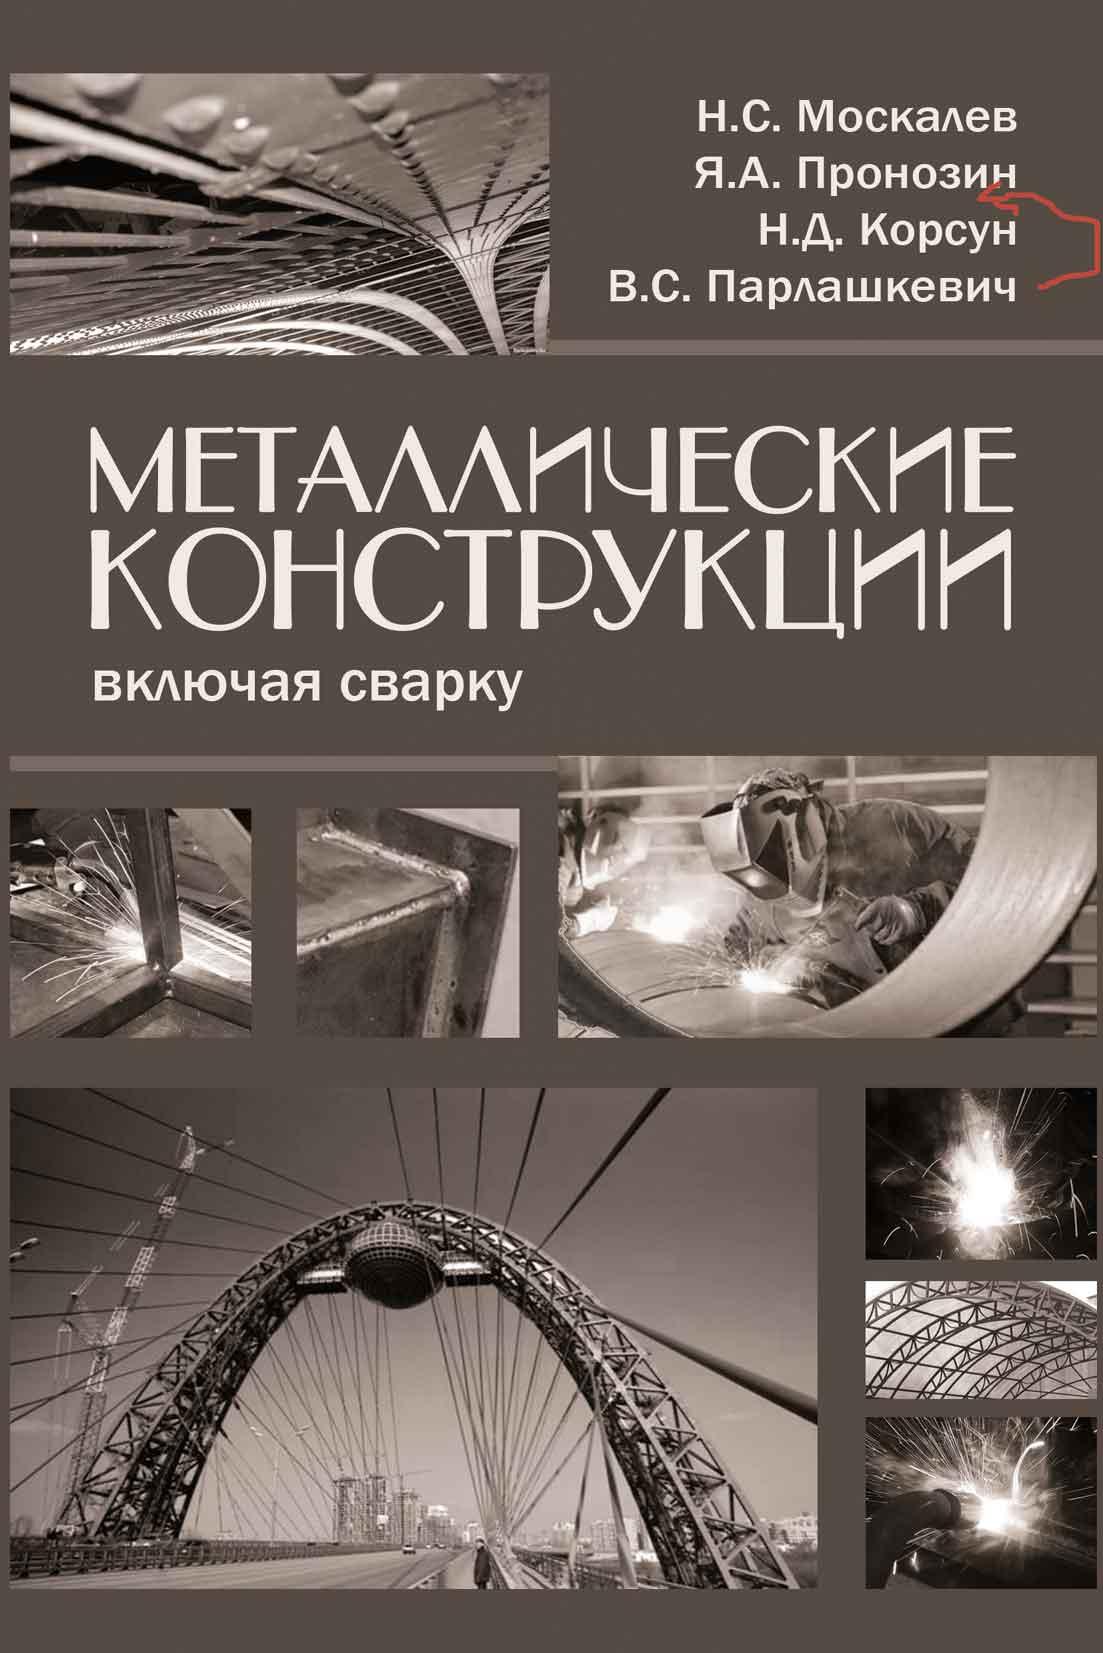 все цены на В. С. Парлашкевич Металлические конструкции, включая сварку онлайн